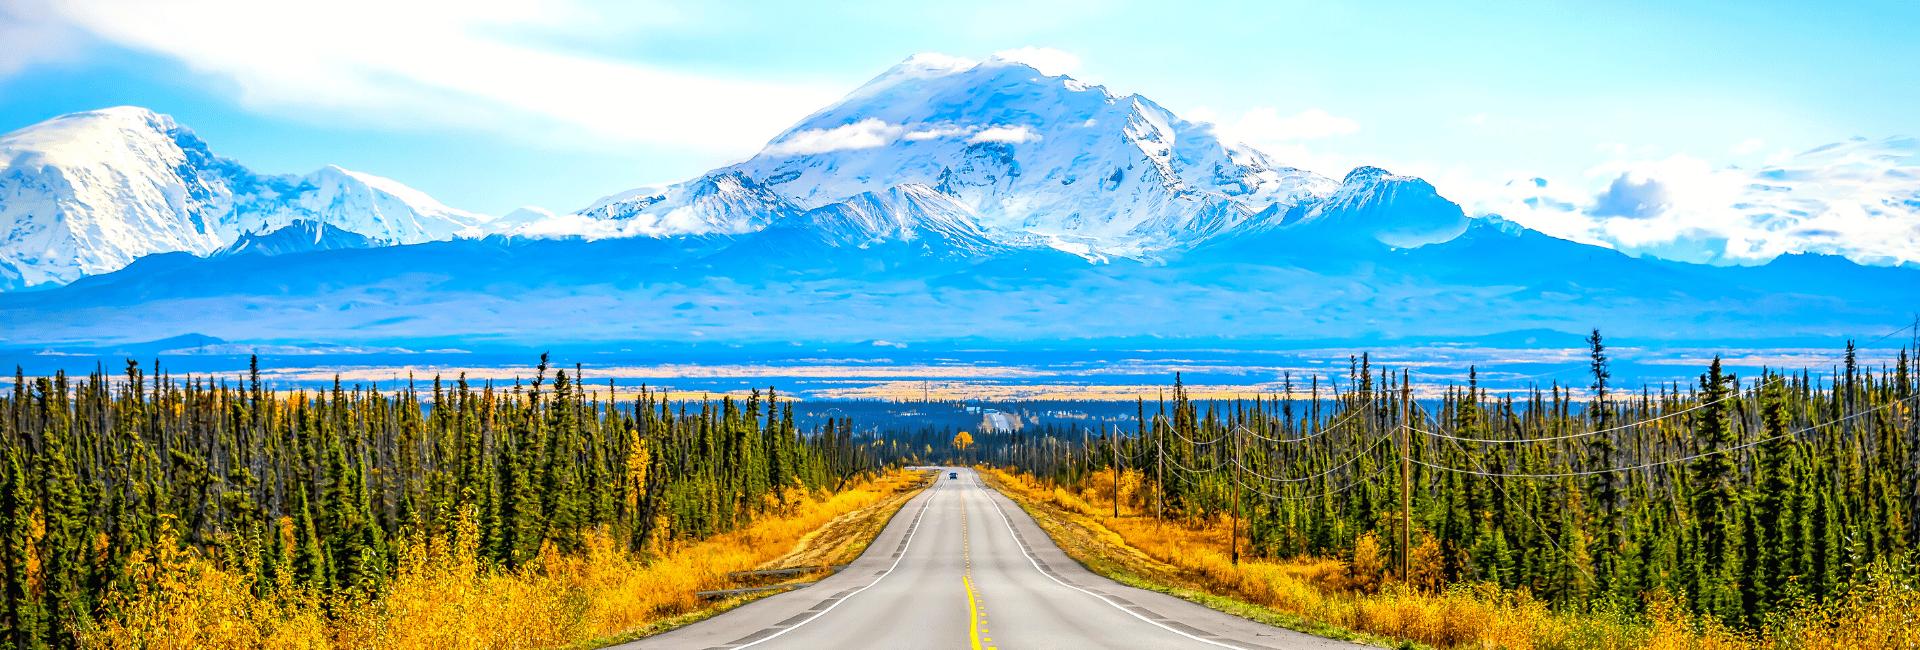 Danmarks bedste udvalg af kør-selv-ferier til USA, Canada, Australien og New Zealand - Risskov Rejser